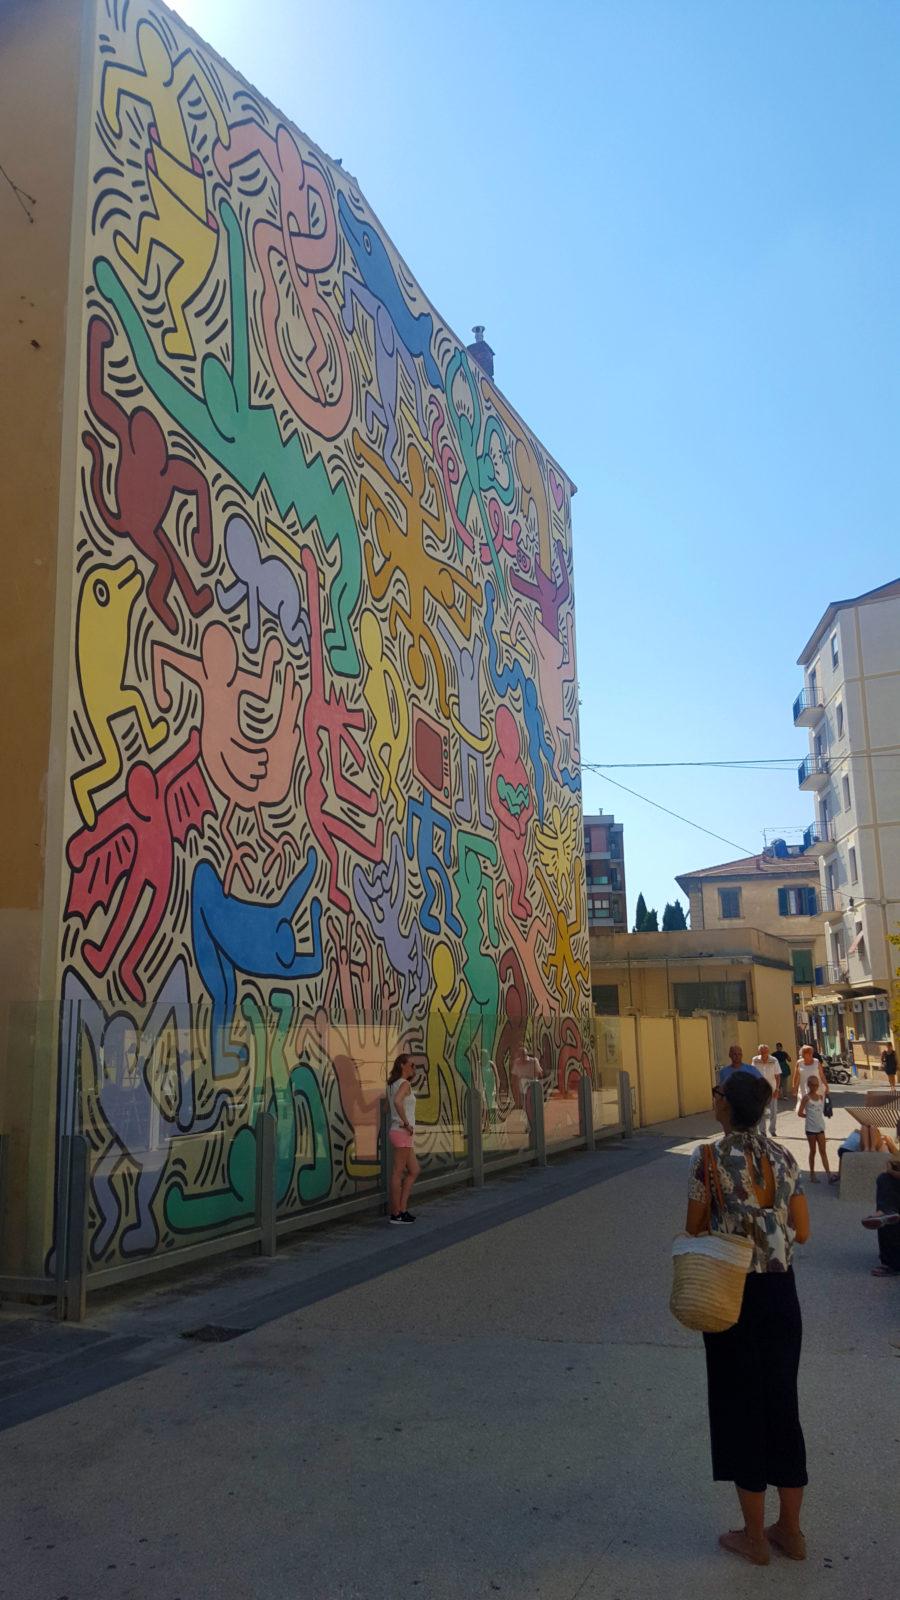 Keith Haring Mural in Pisa